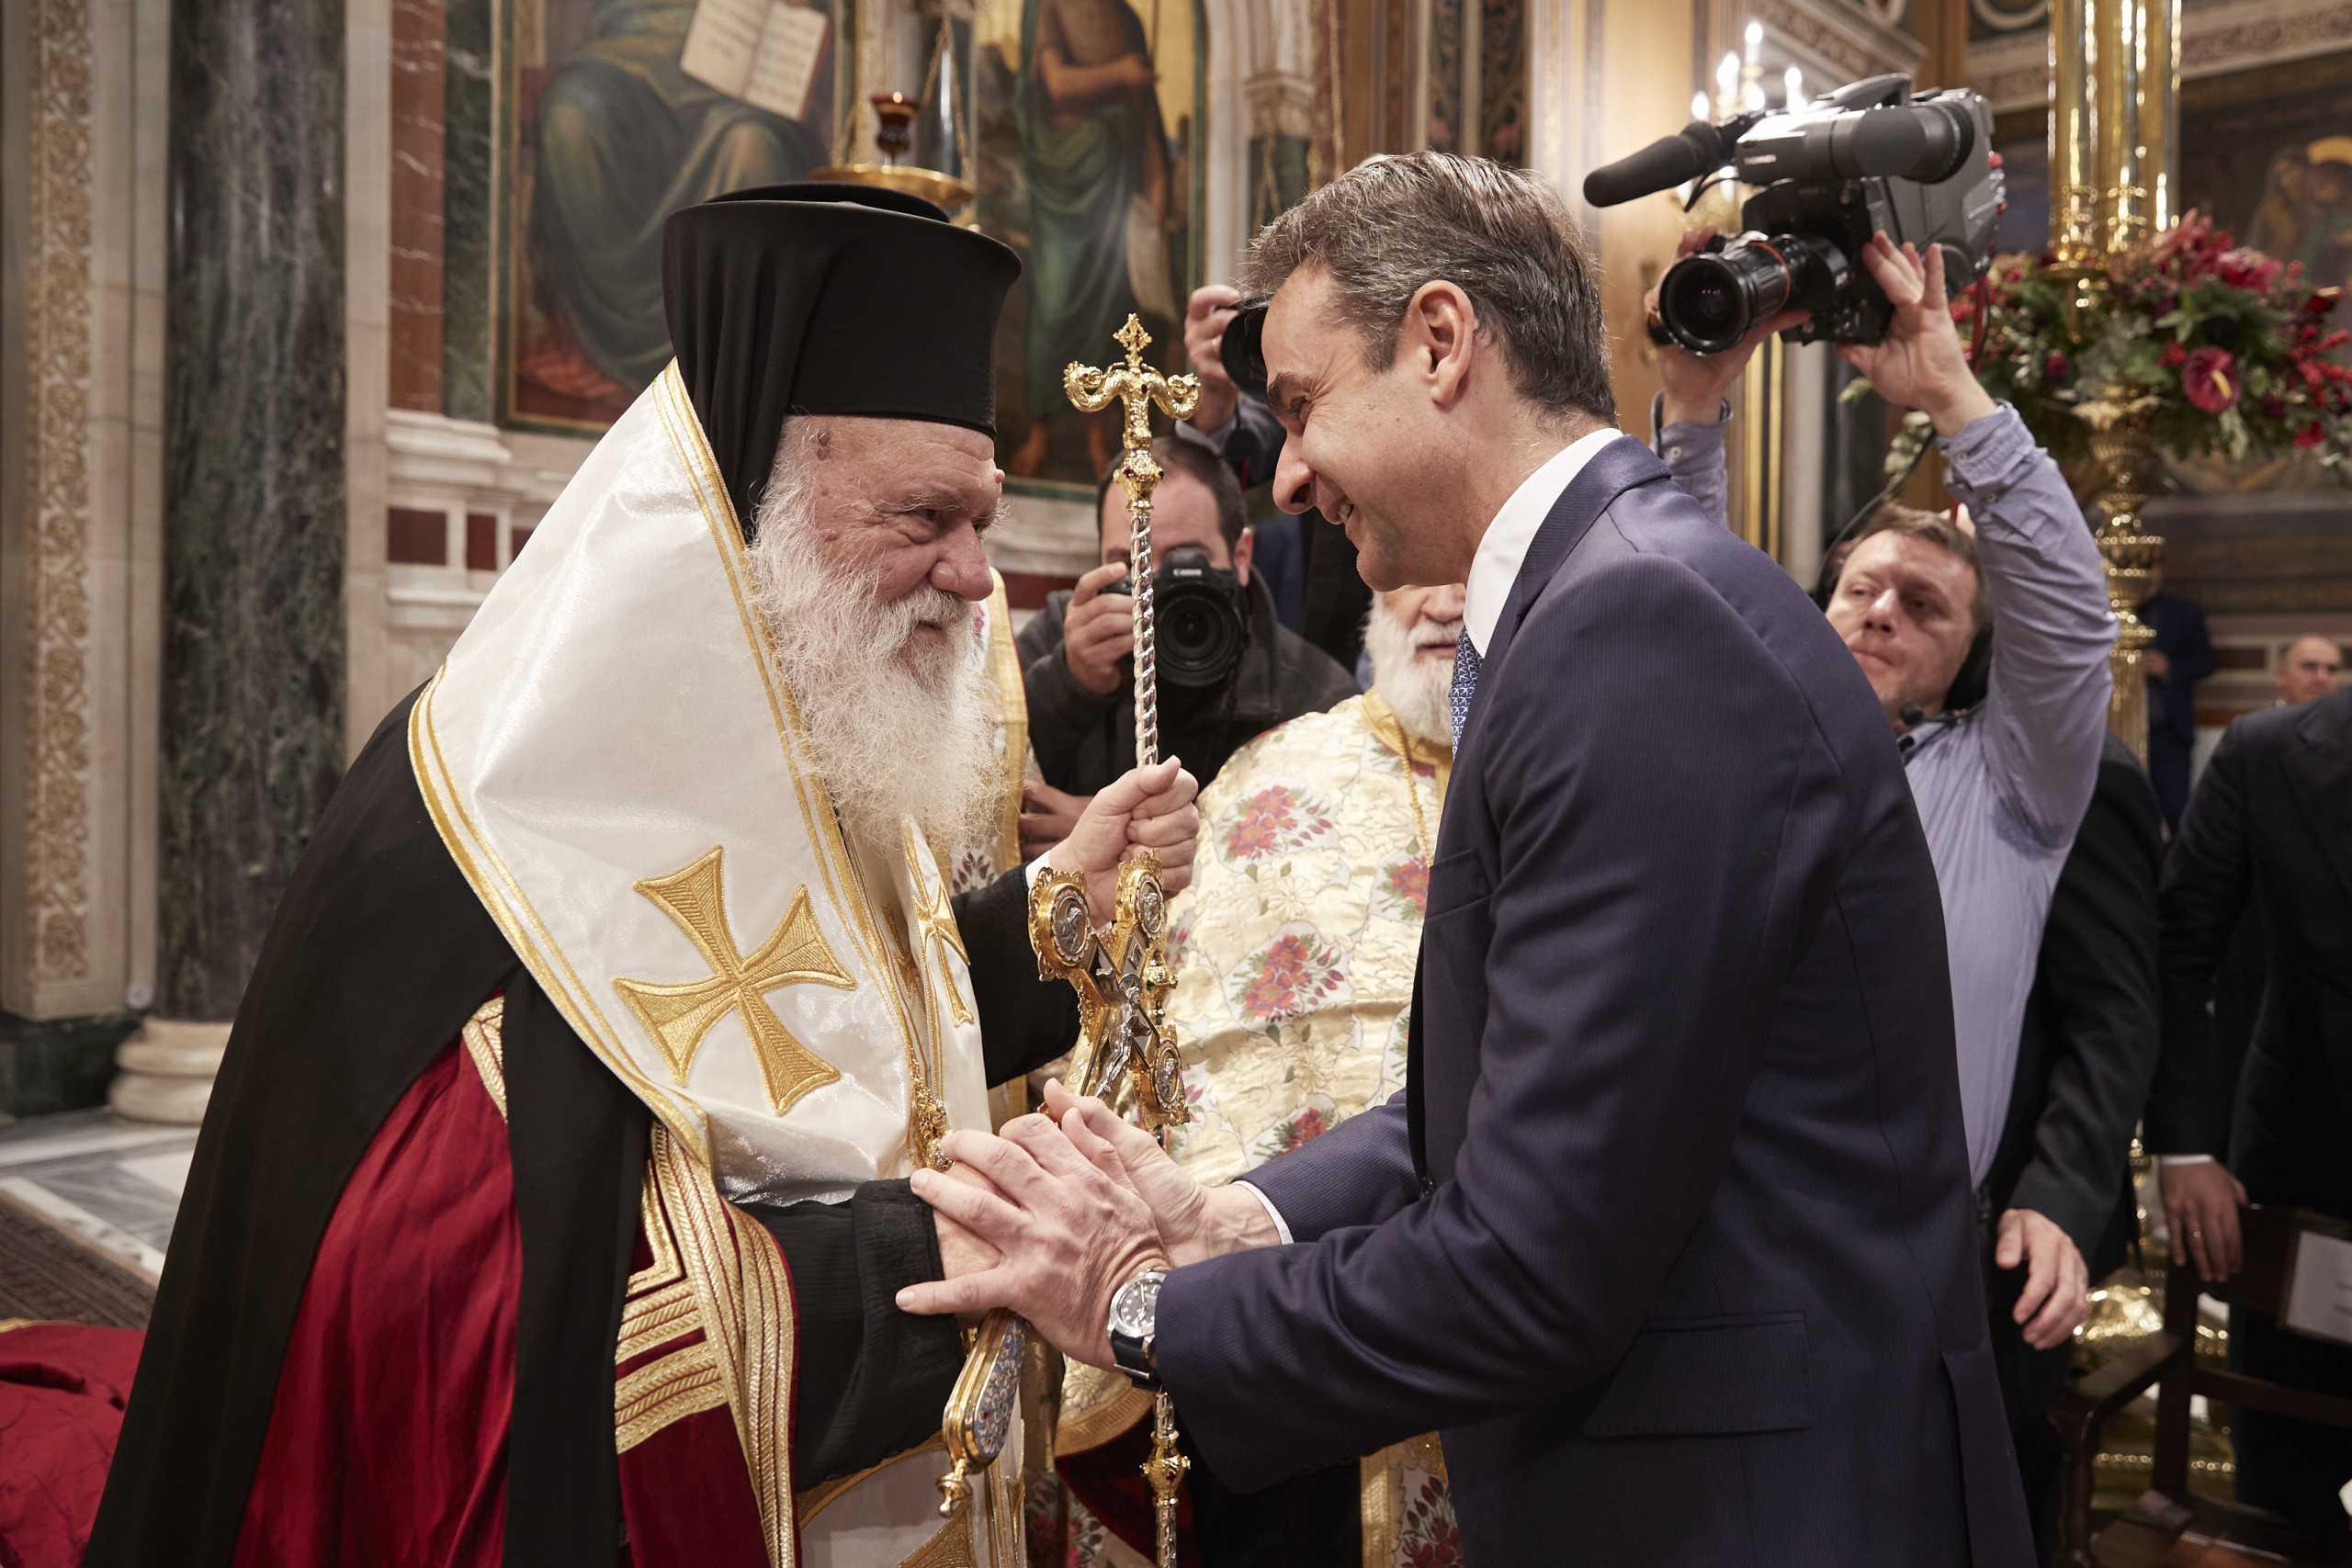 Θεοφάνεια: Χωρίς τον Αρχιεπίσκοπο Ιερώνυμο η ορκωμοσία των υπουργών – «Παράθυρο» για επικοινωνία με Μητσοτάκη